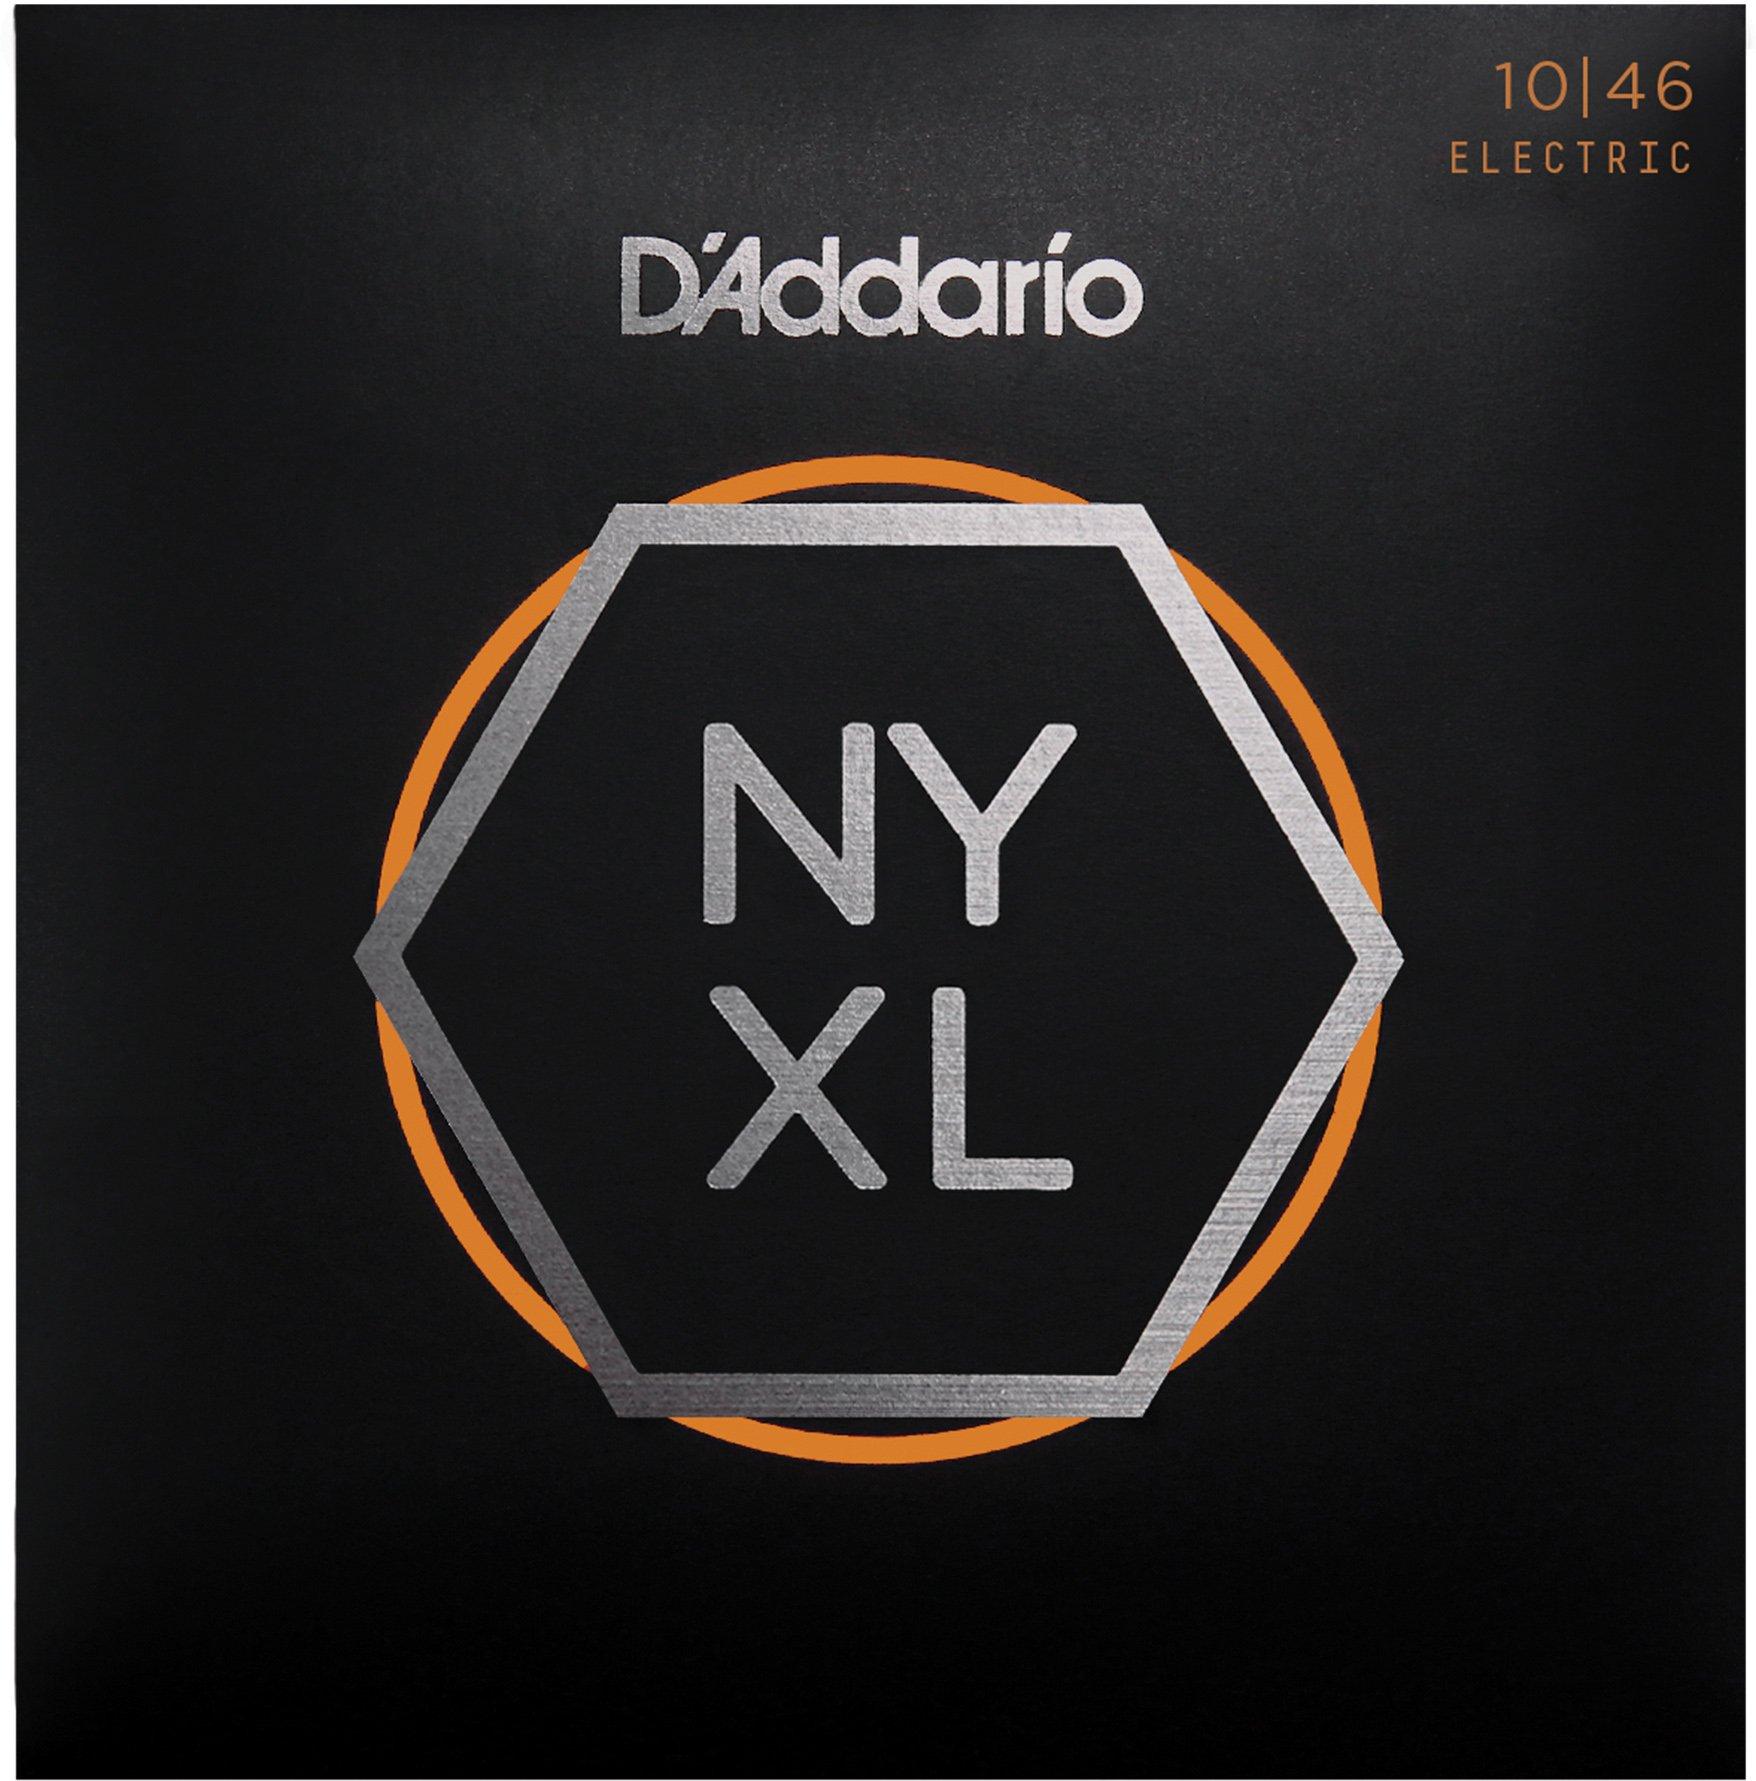 DAddario NYXL1046 - Juego de cuerdas para guitarra eléctrica, 10-46 product